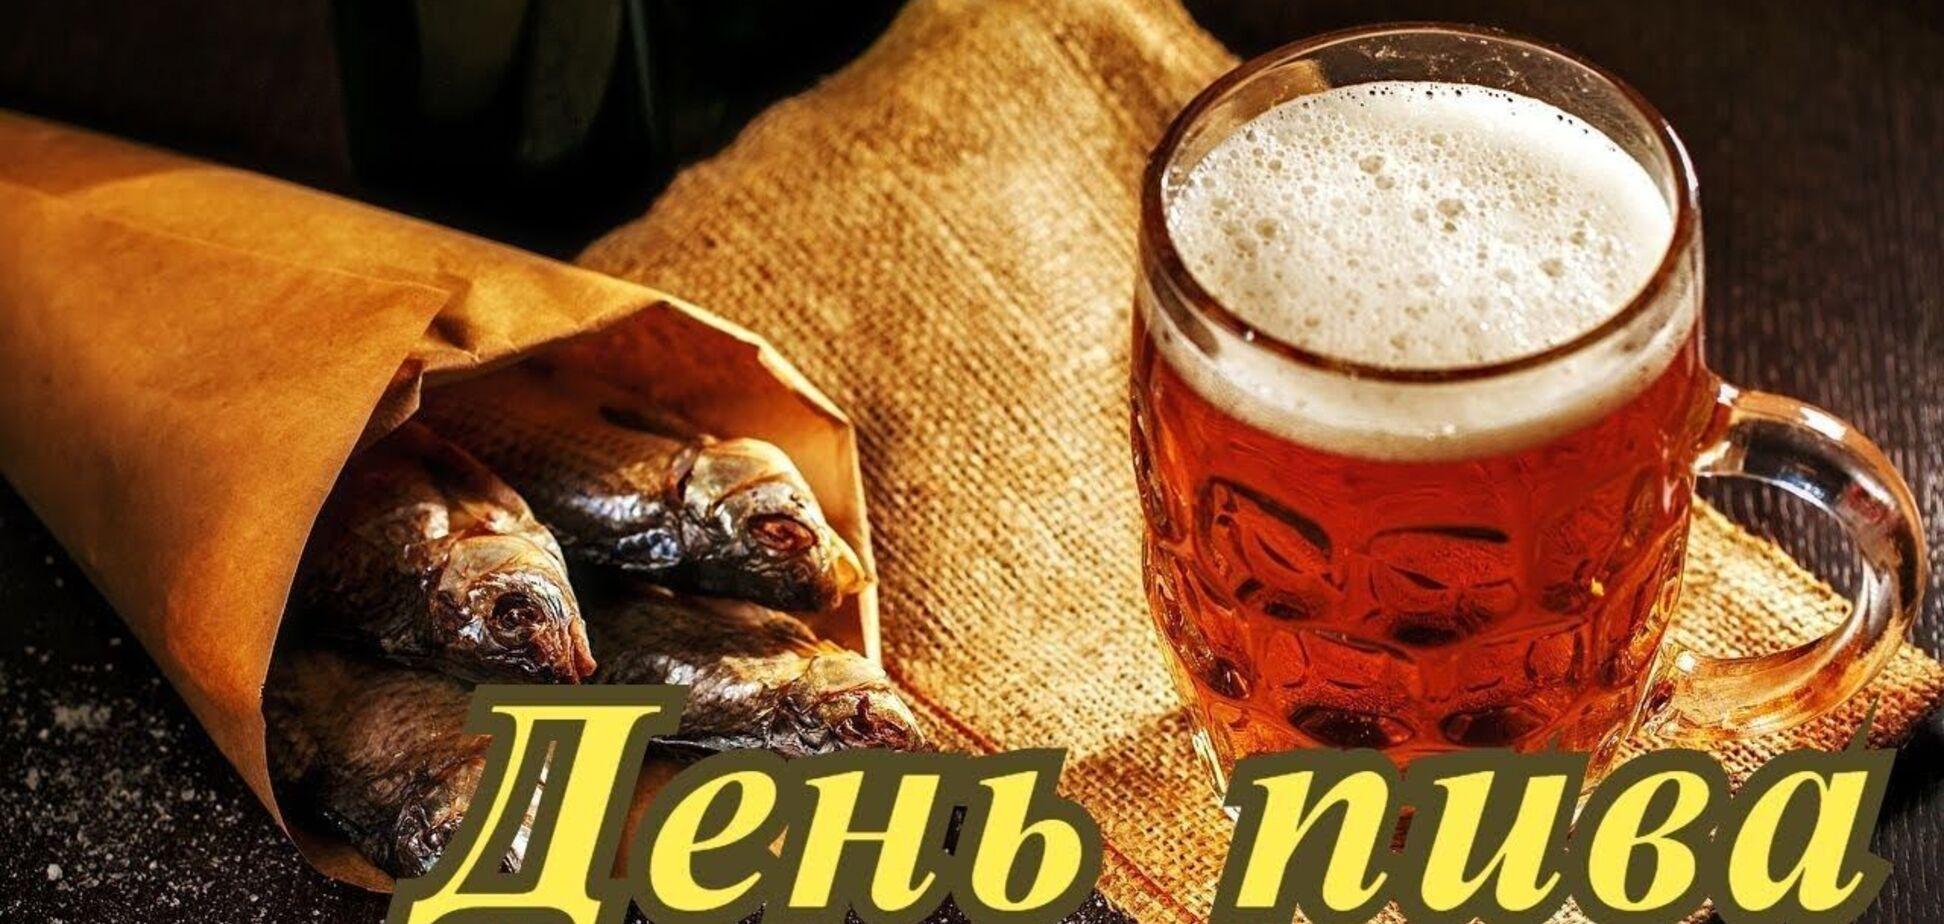 Международный день пива отмечается каждую первую пятницу августа